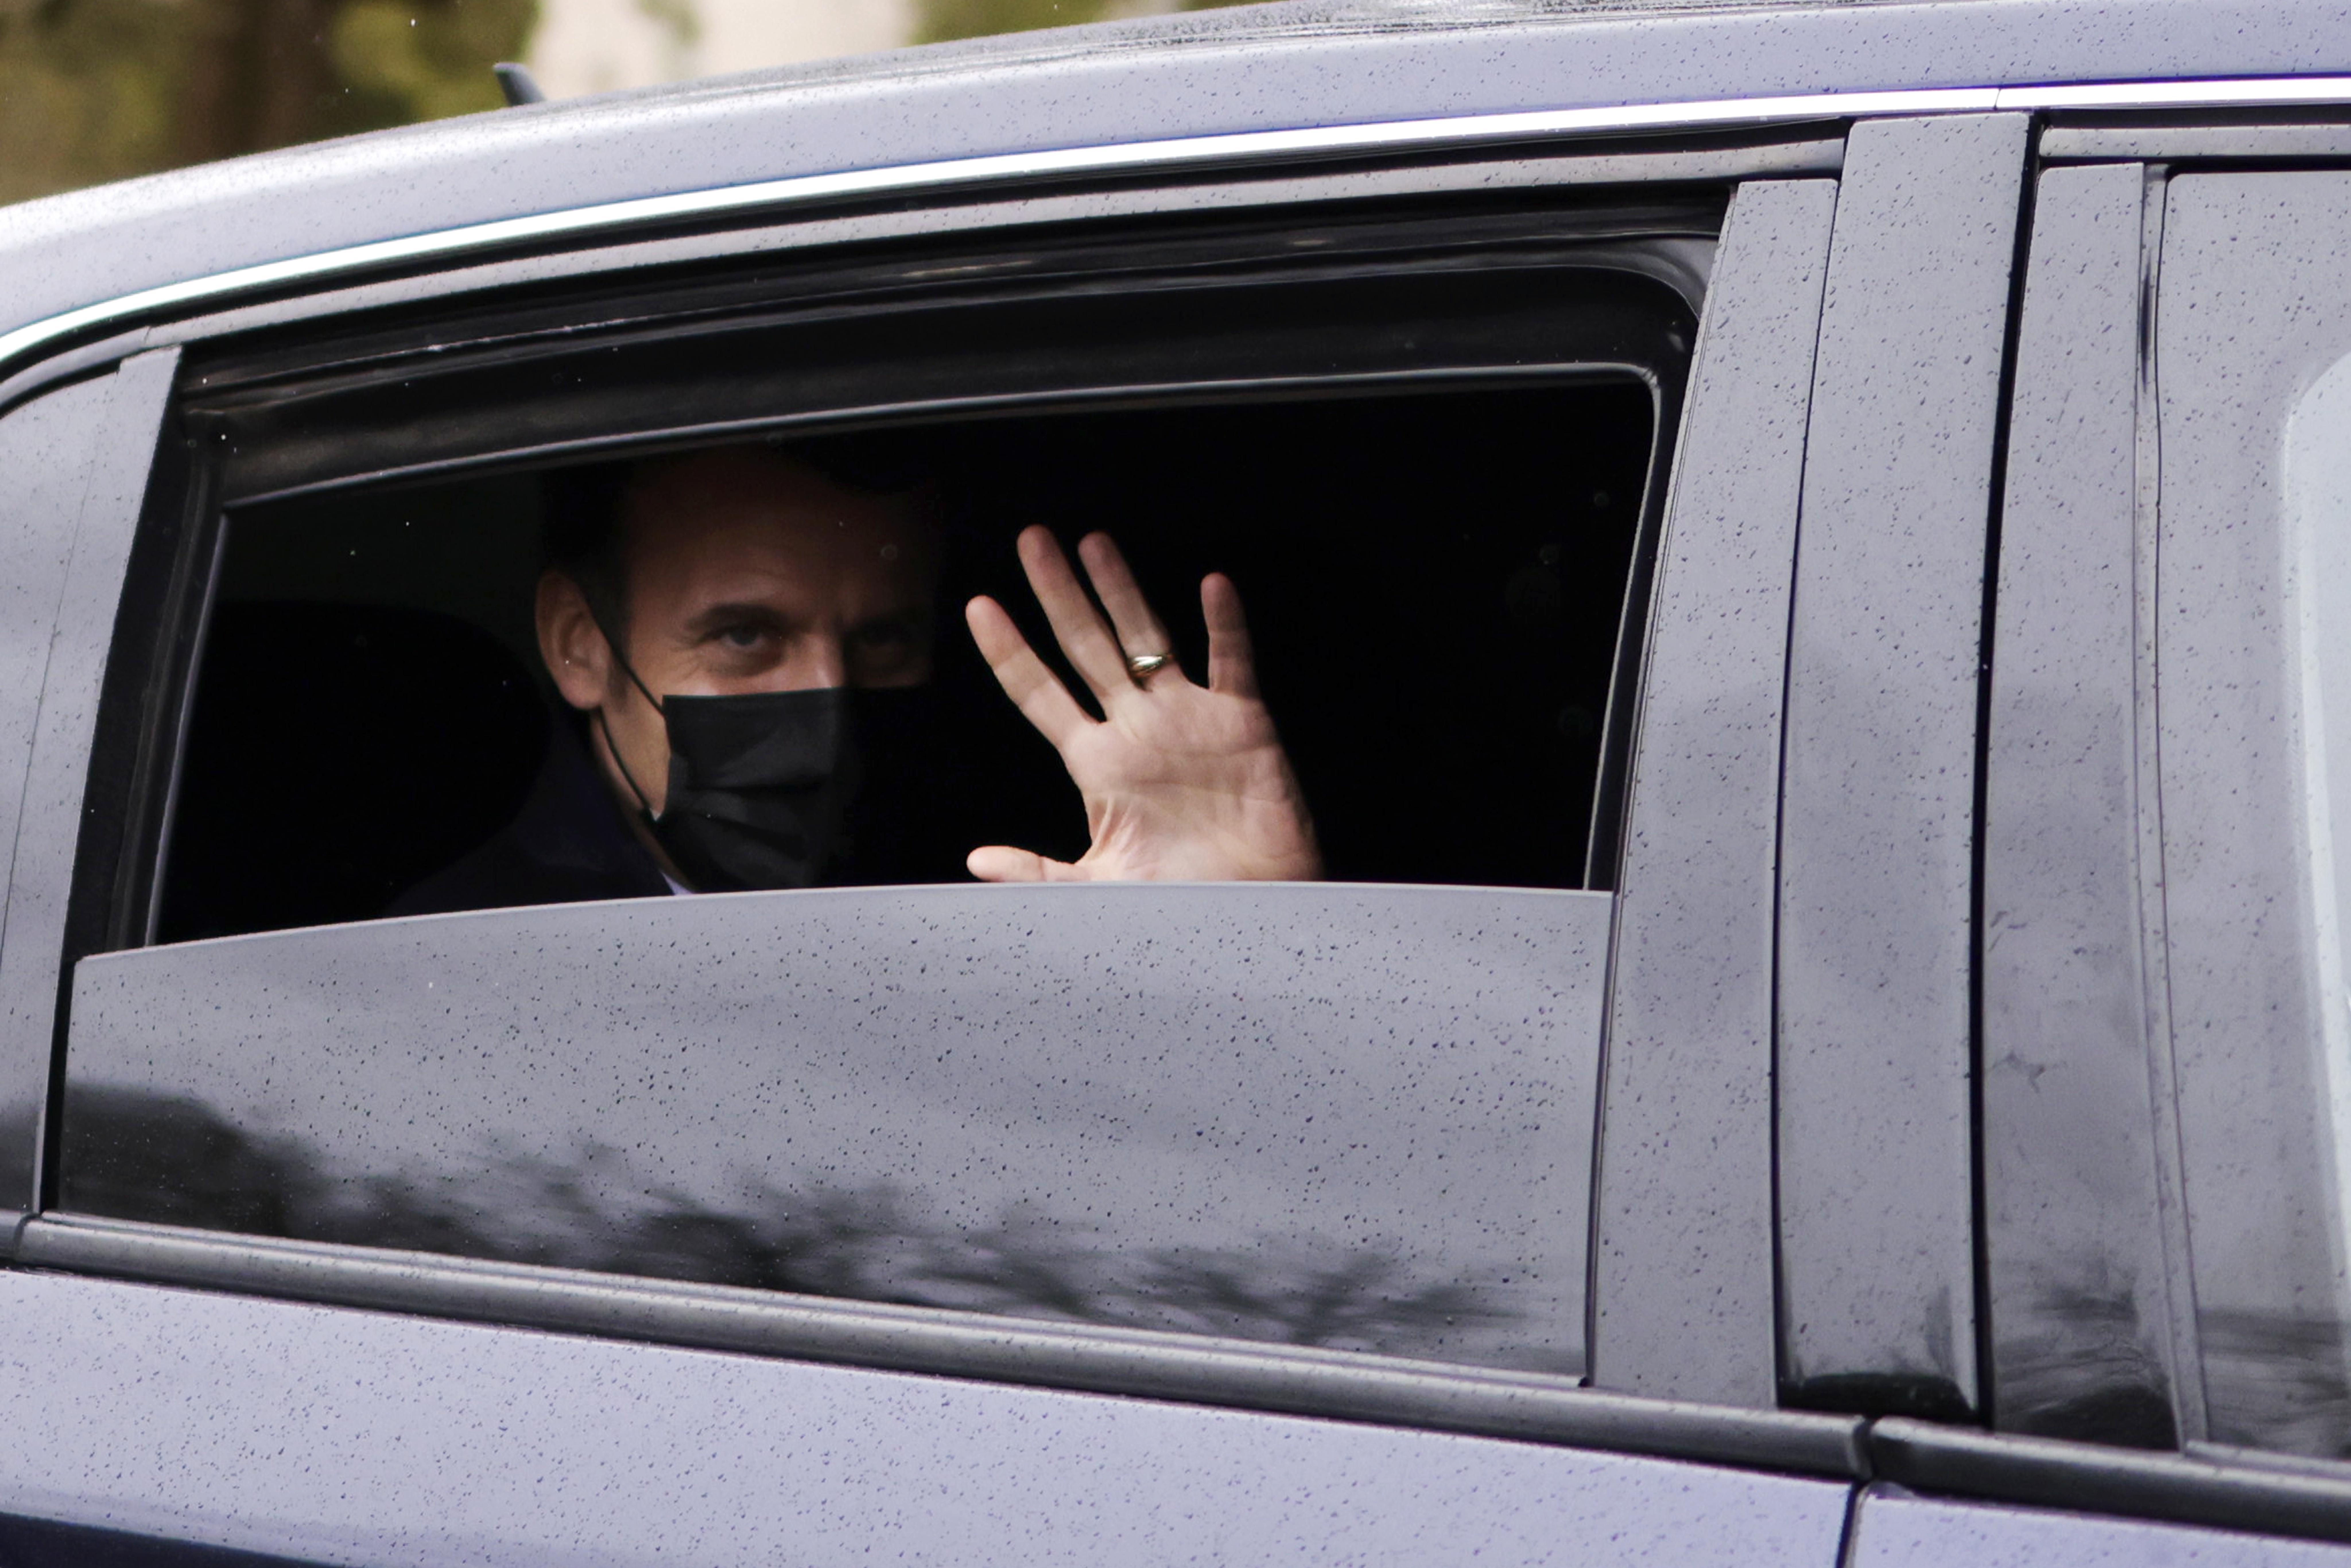 امانوئل مکرون با ماسک ، از اتومبیل استقبال می کند.